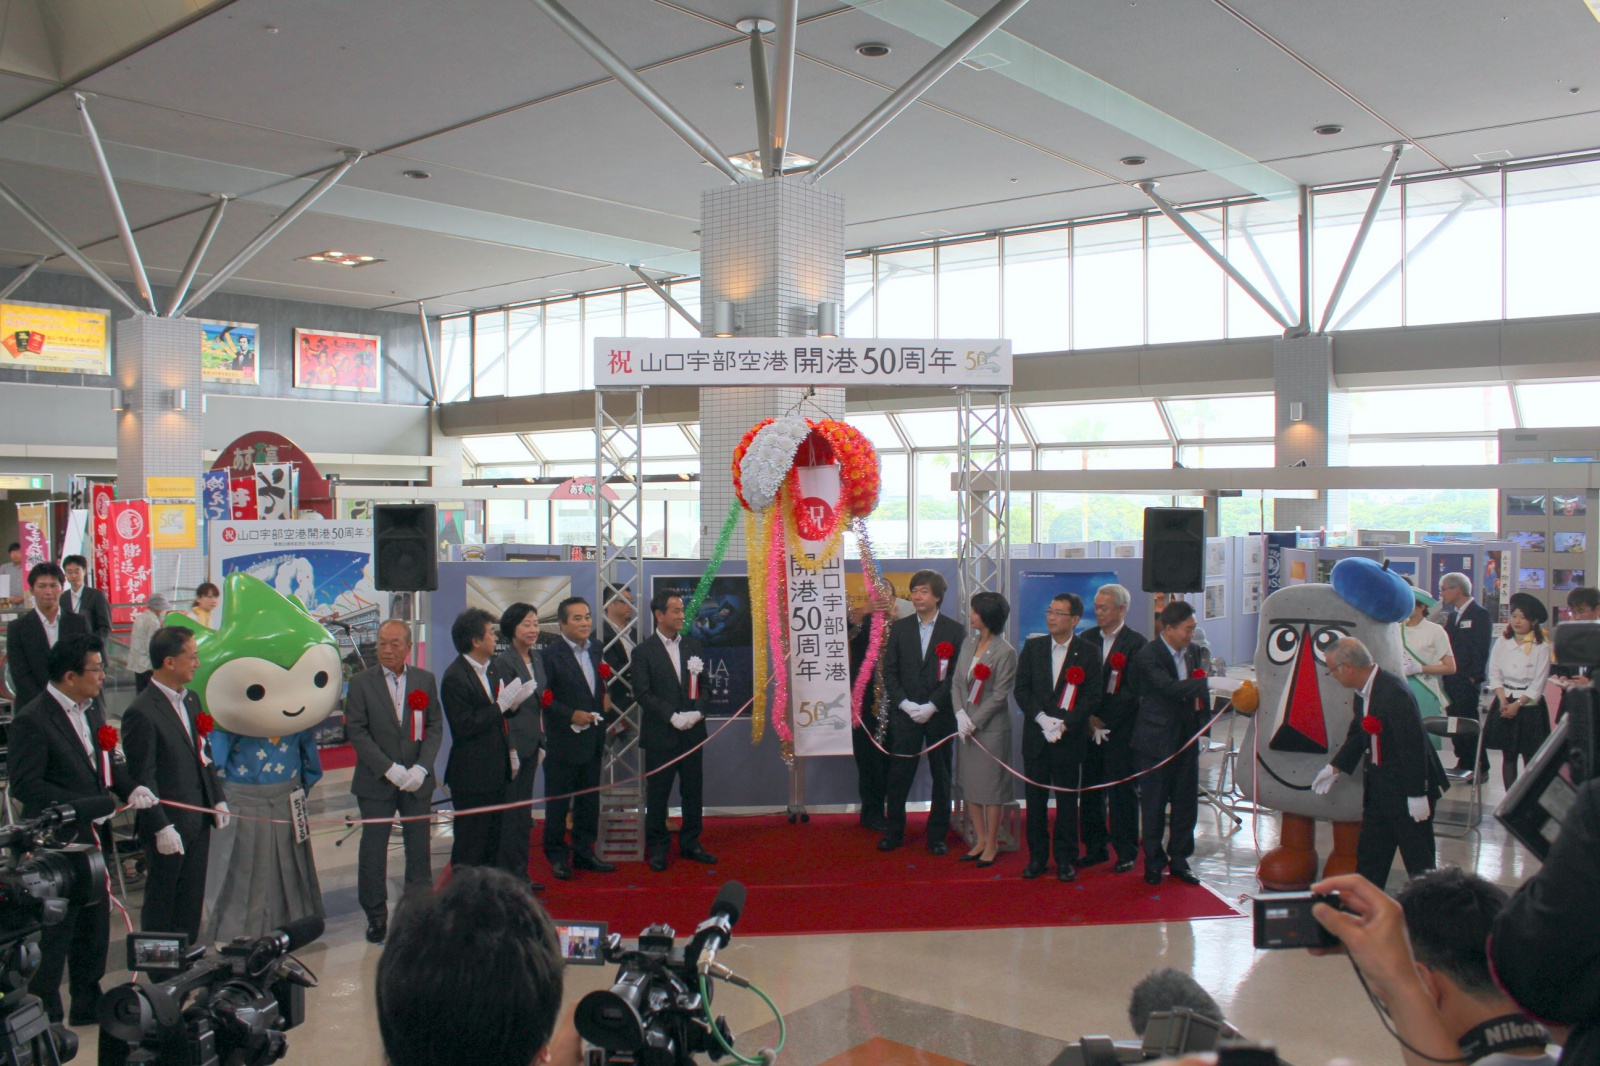 開港50周年を迎えた山口宇部空港ではステキな記念行事がたくさん行われるよ☆彡